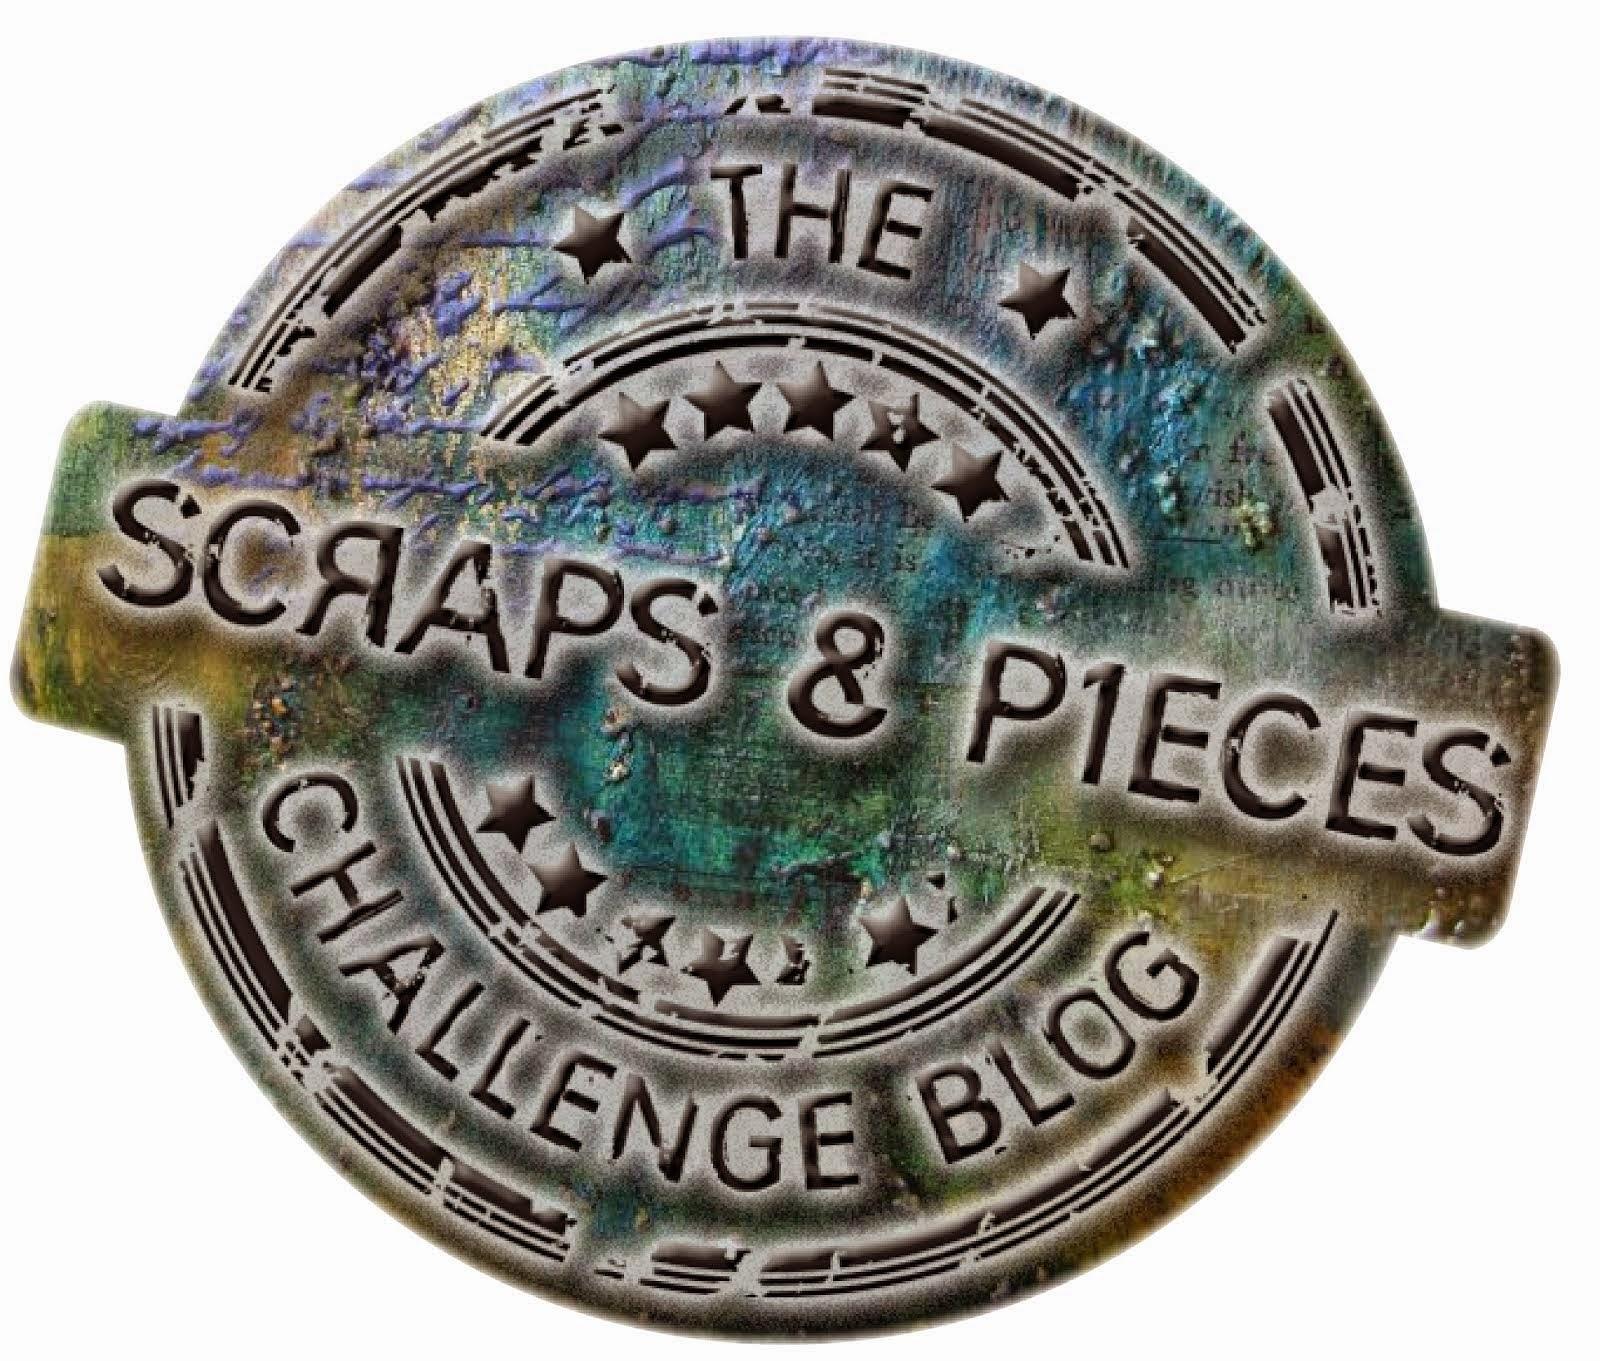 scrapsnpieces